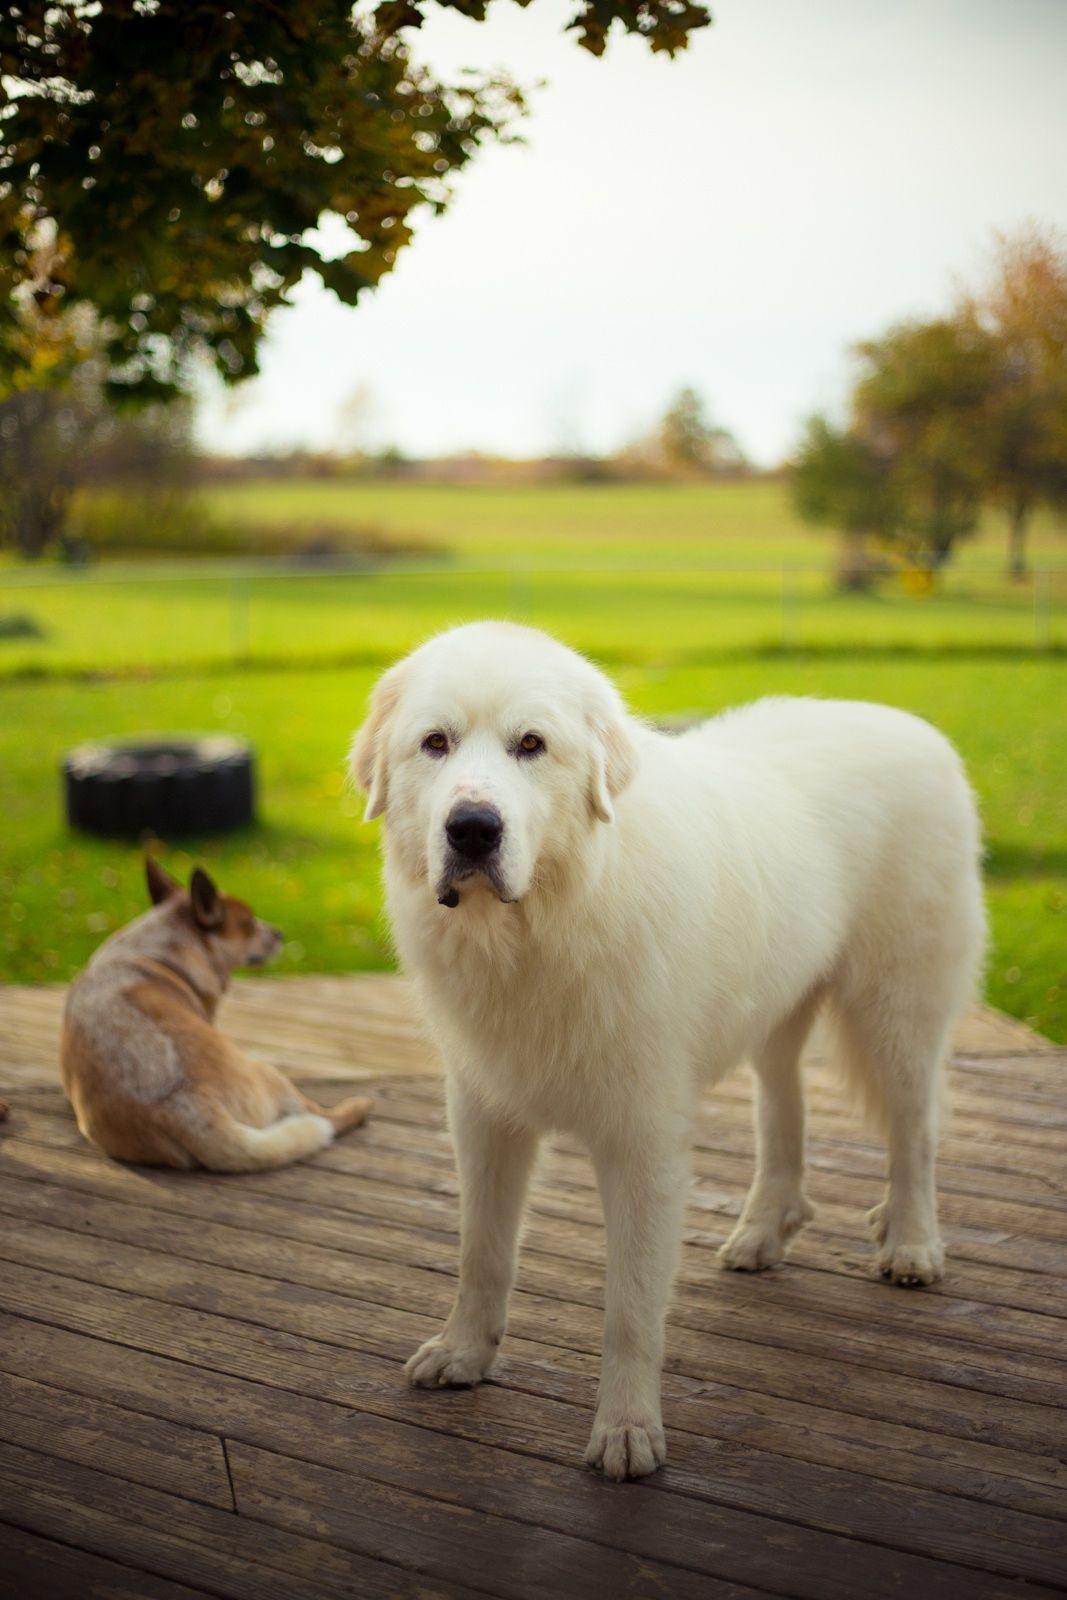 Elegant Pyrenees Pyrenees Wanwanwo Pinterest Dog Dog Huge Dog Breeds Big Snow Dog Breeds bark post Big White Dog Breeds